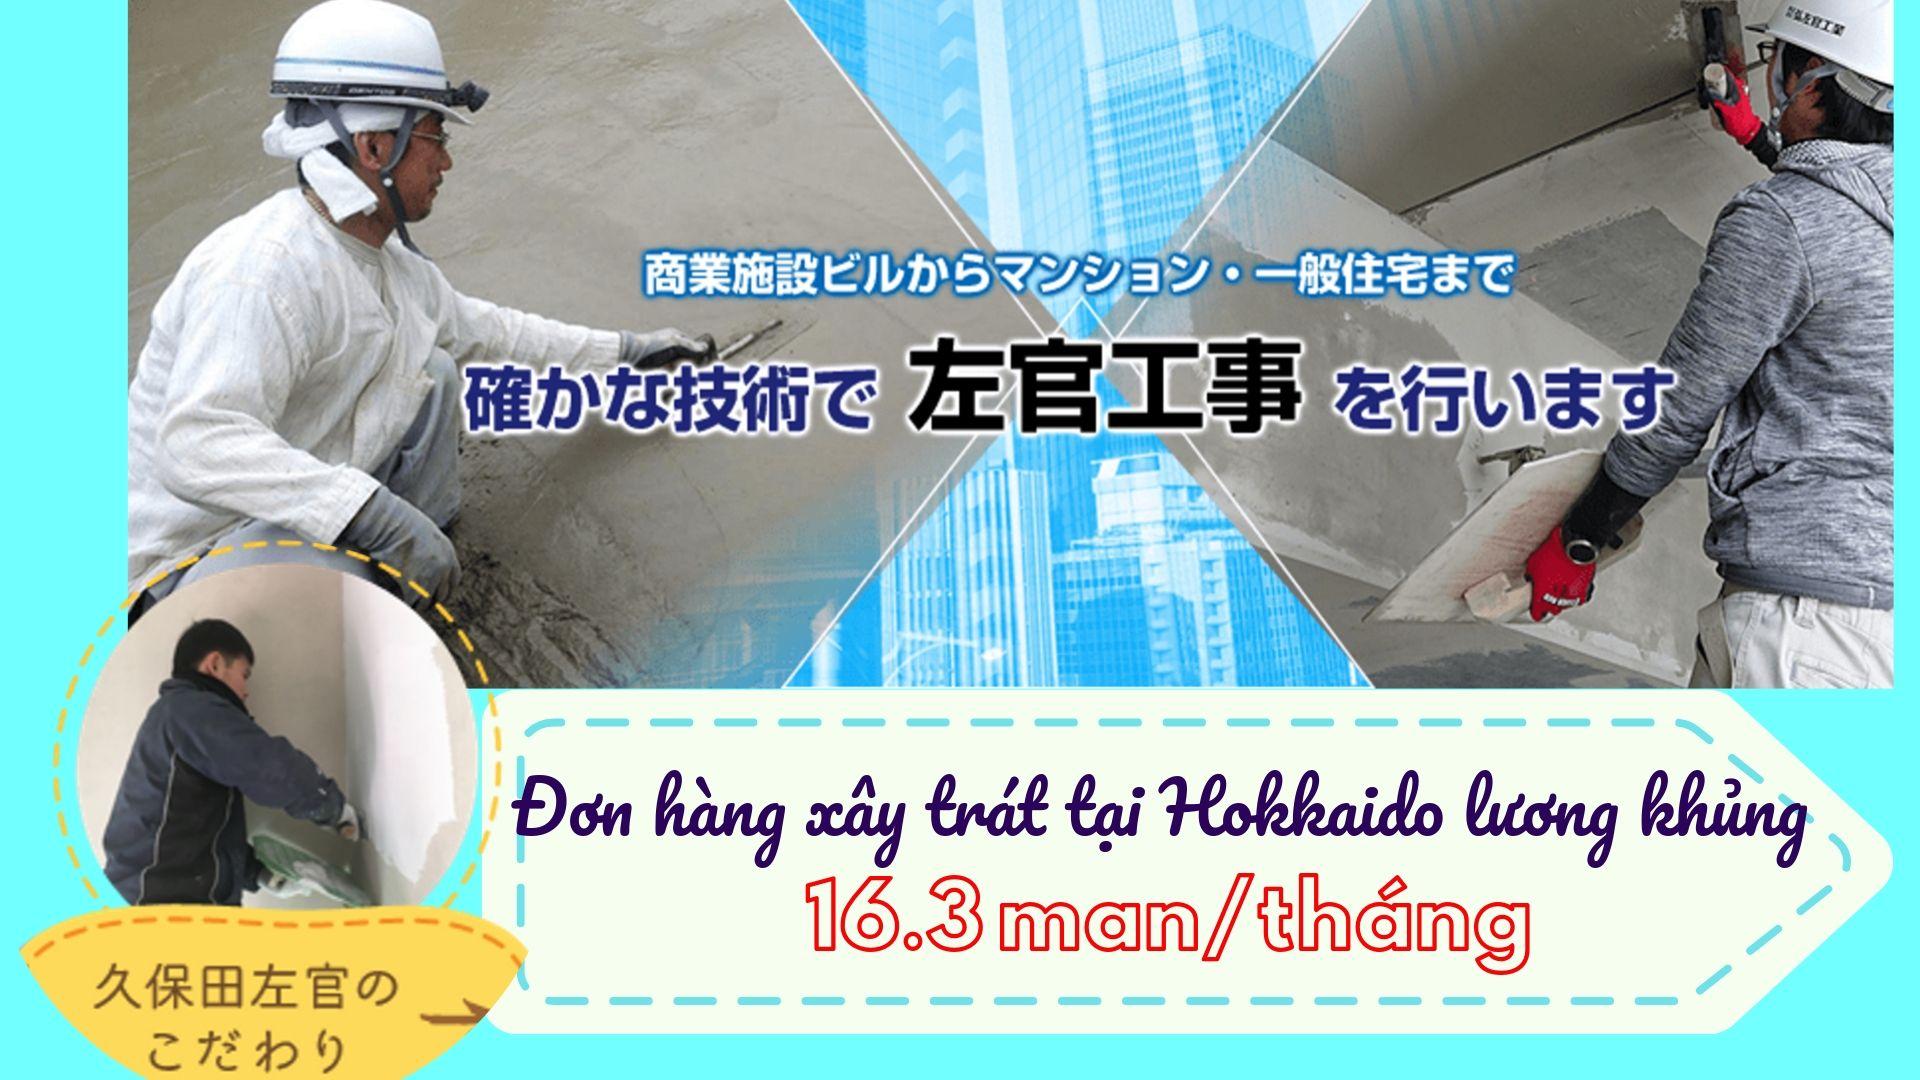 Đơn hàng xây trát tại Hokkaido lương khủng nhất tháng 07/2020